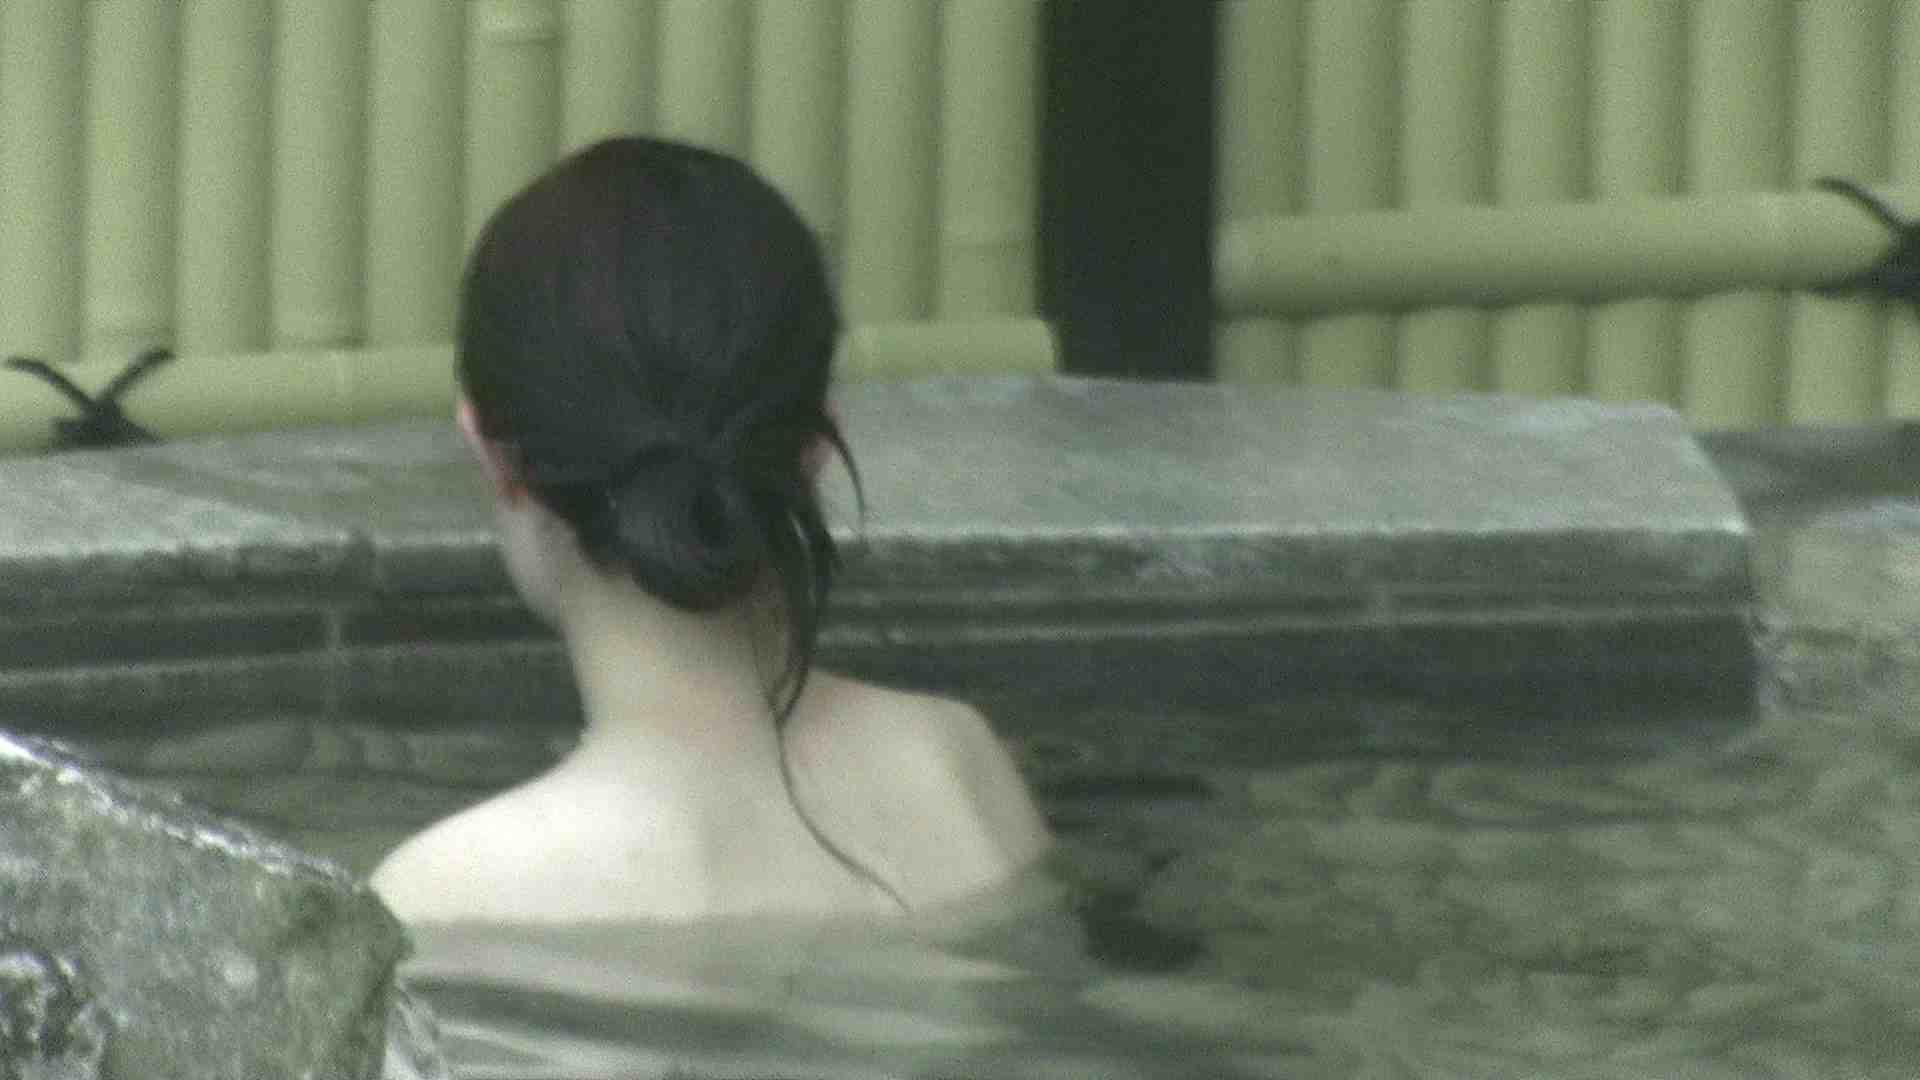 Aquaな露天風呂Vol.194 OLのエロ生活  112連発 60